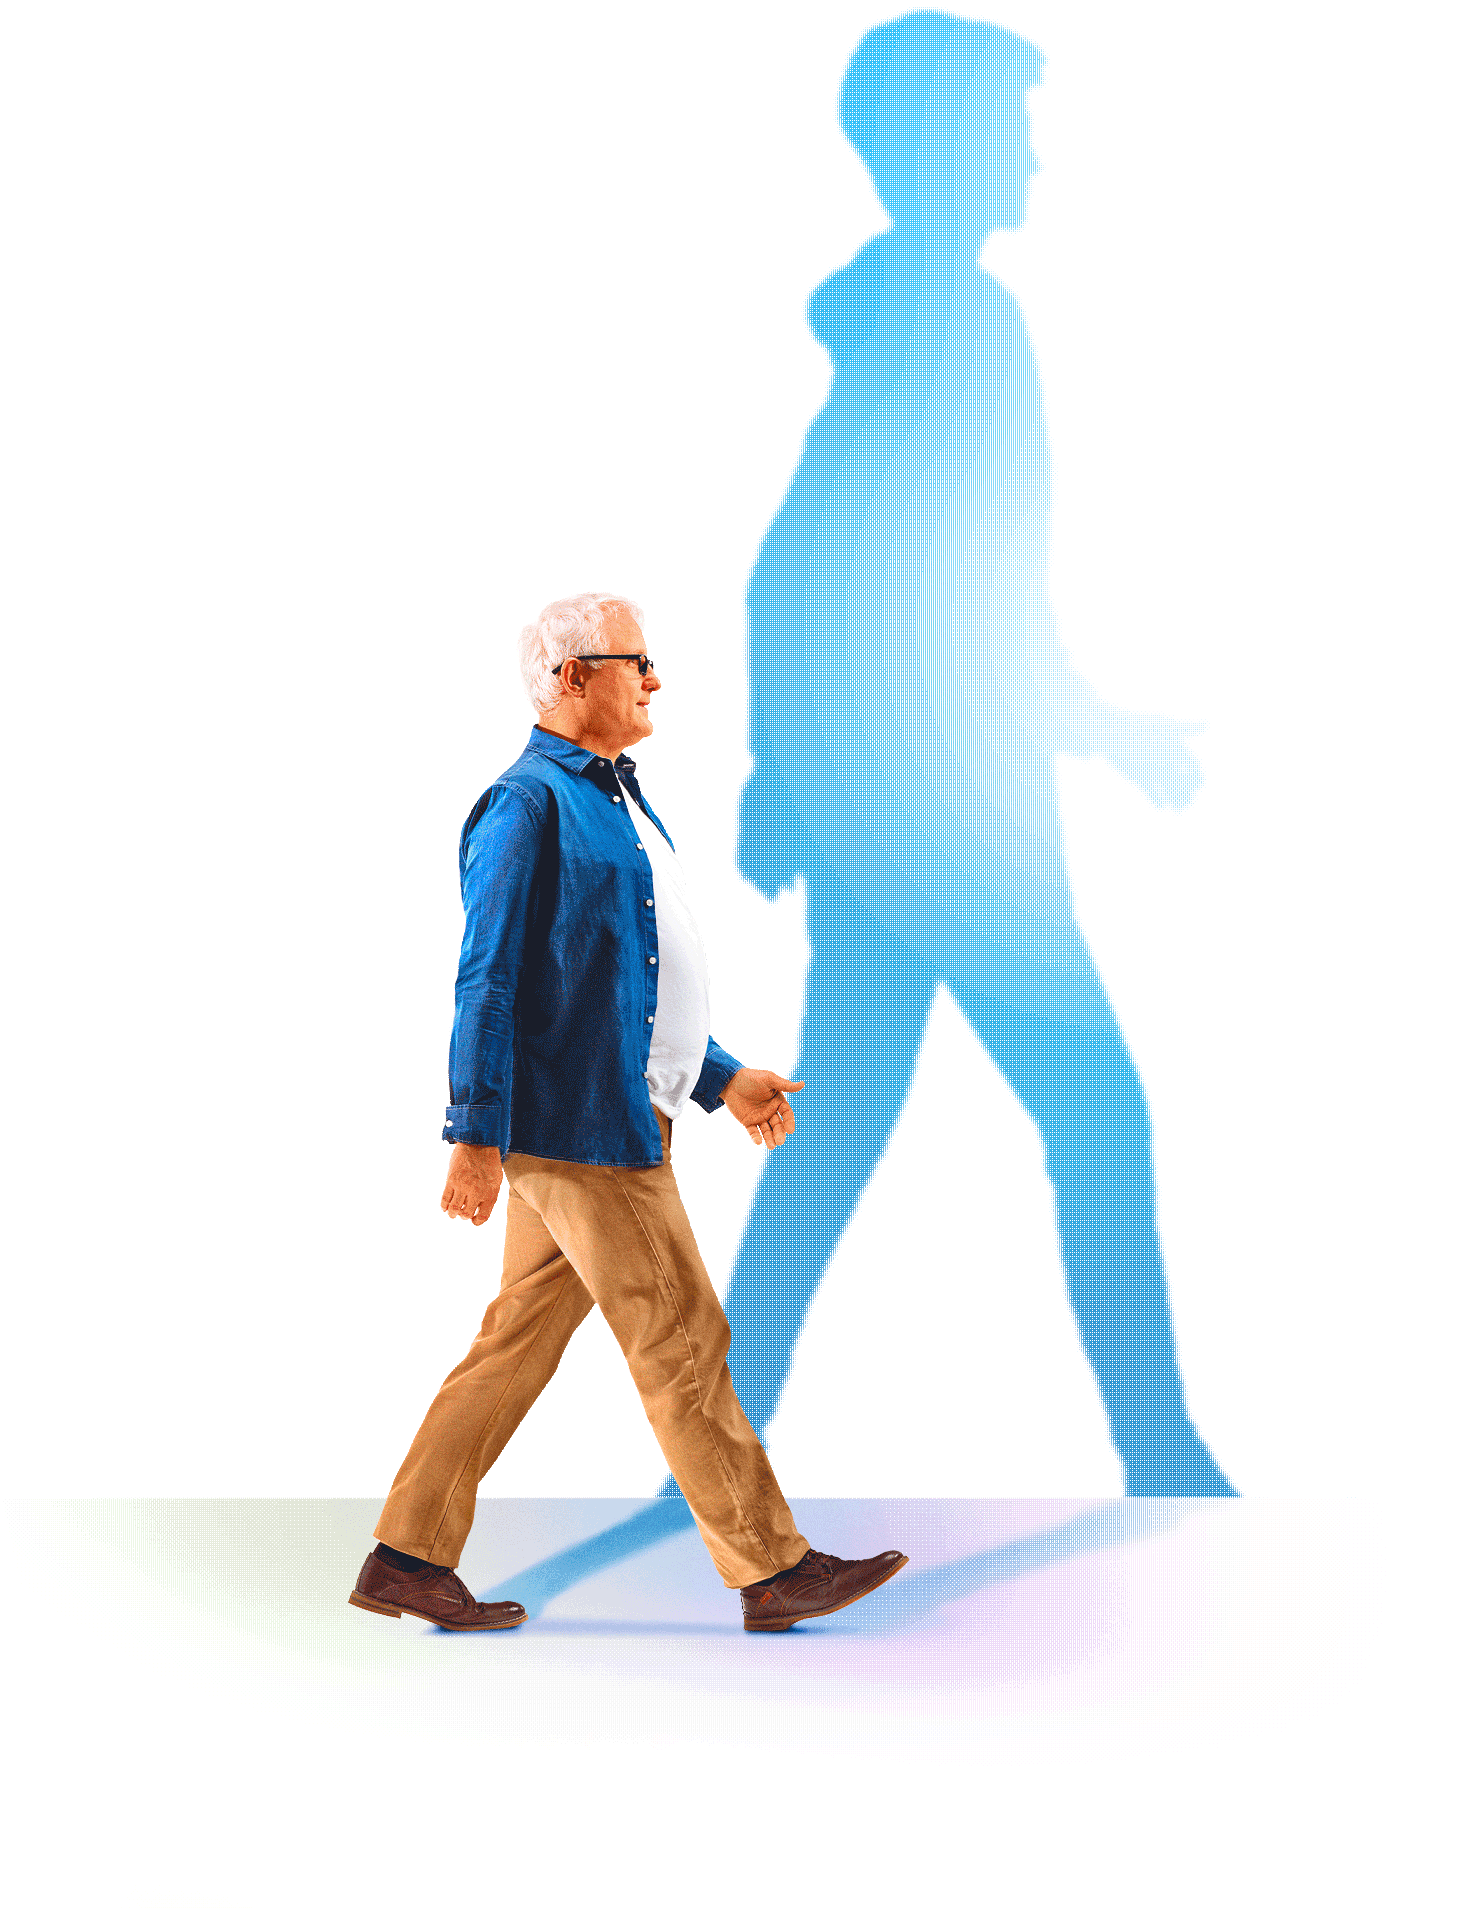 Homme de 60 ans projettant une ombre plus jeune